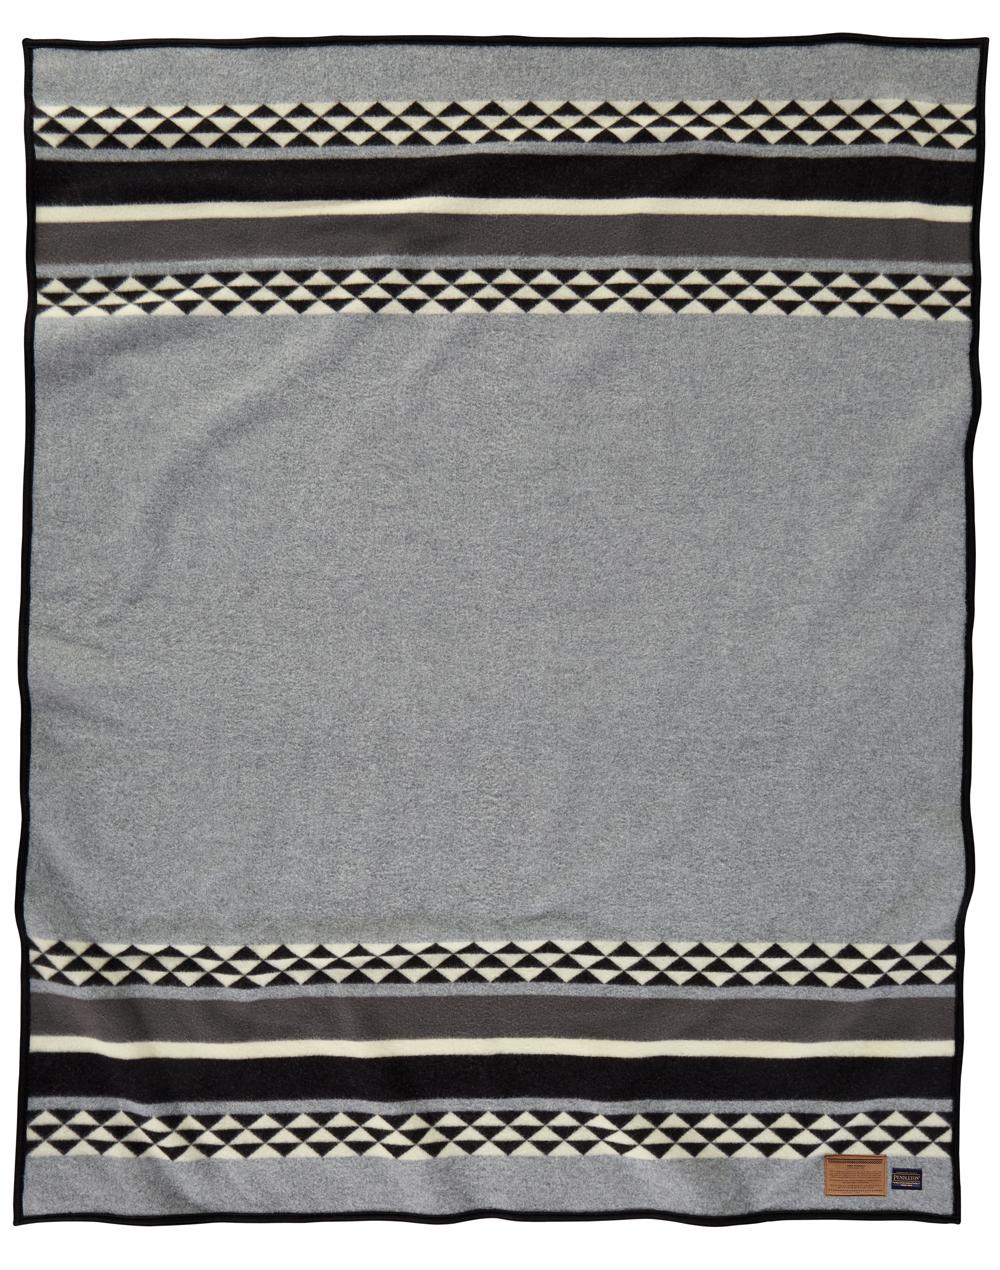 Custom Pendleton blanket made for Yosemite national park